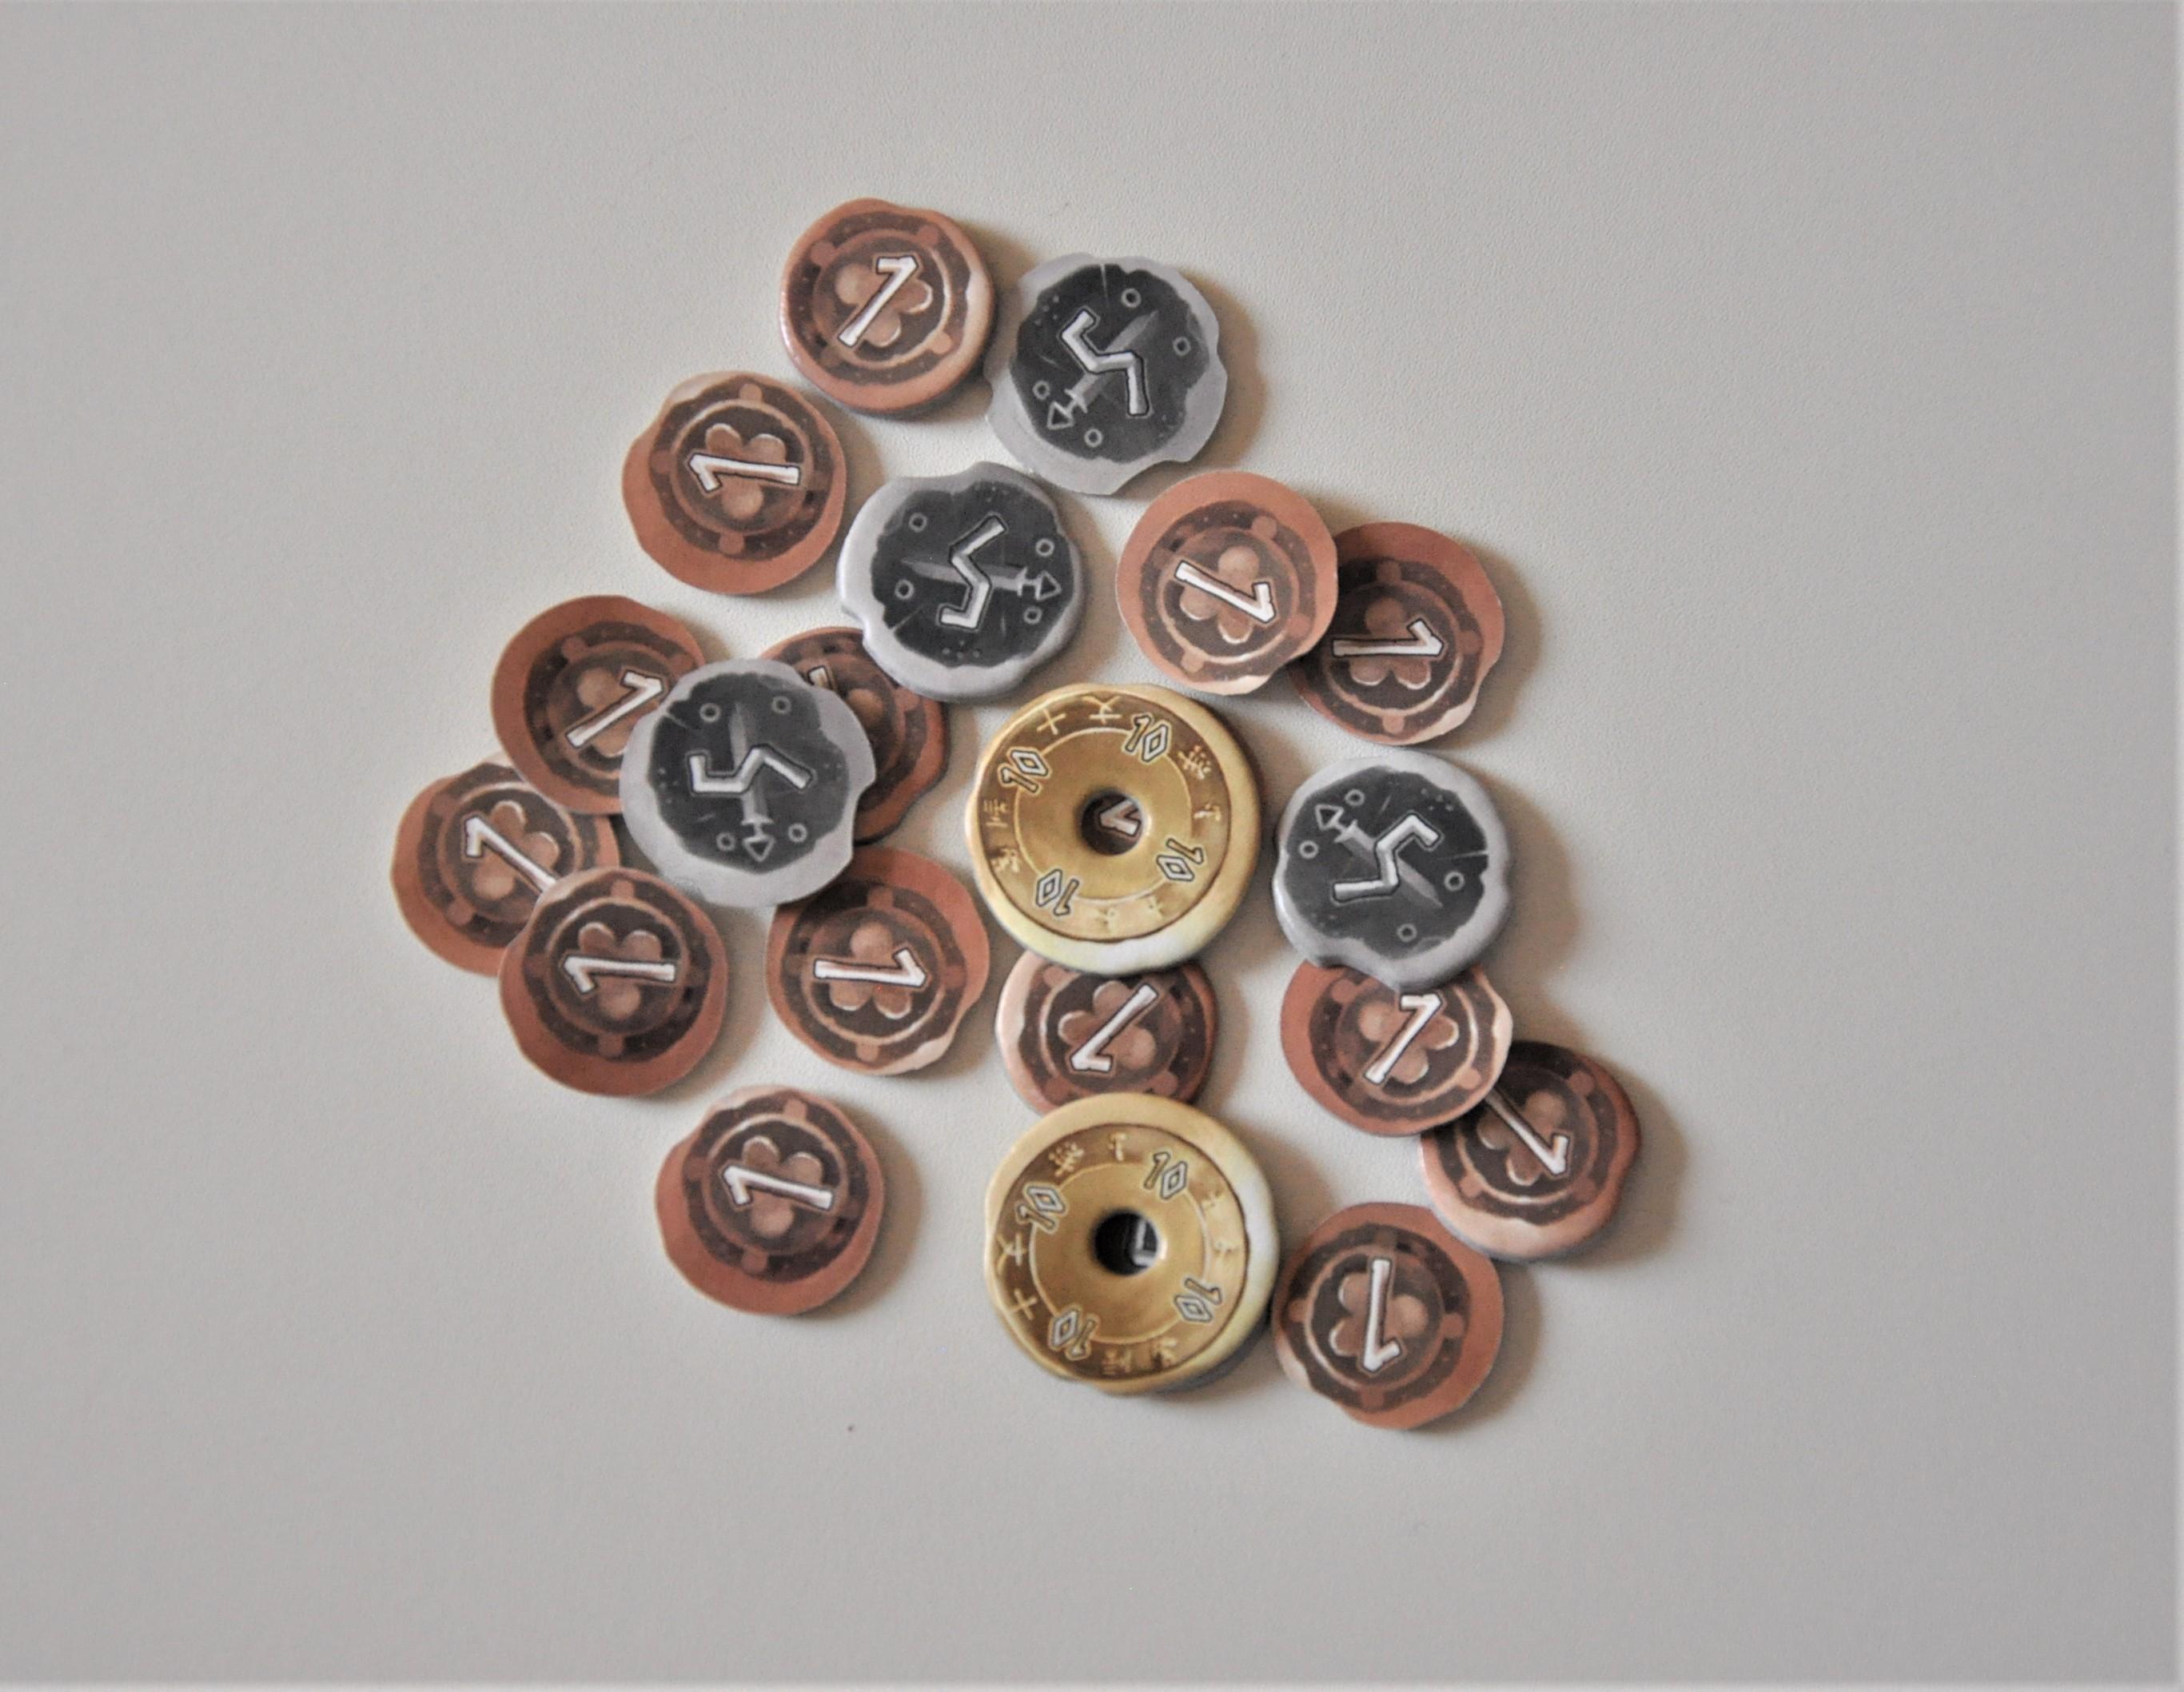 Żetony monet reprezentujące nasz dochód